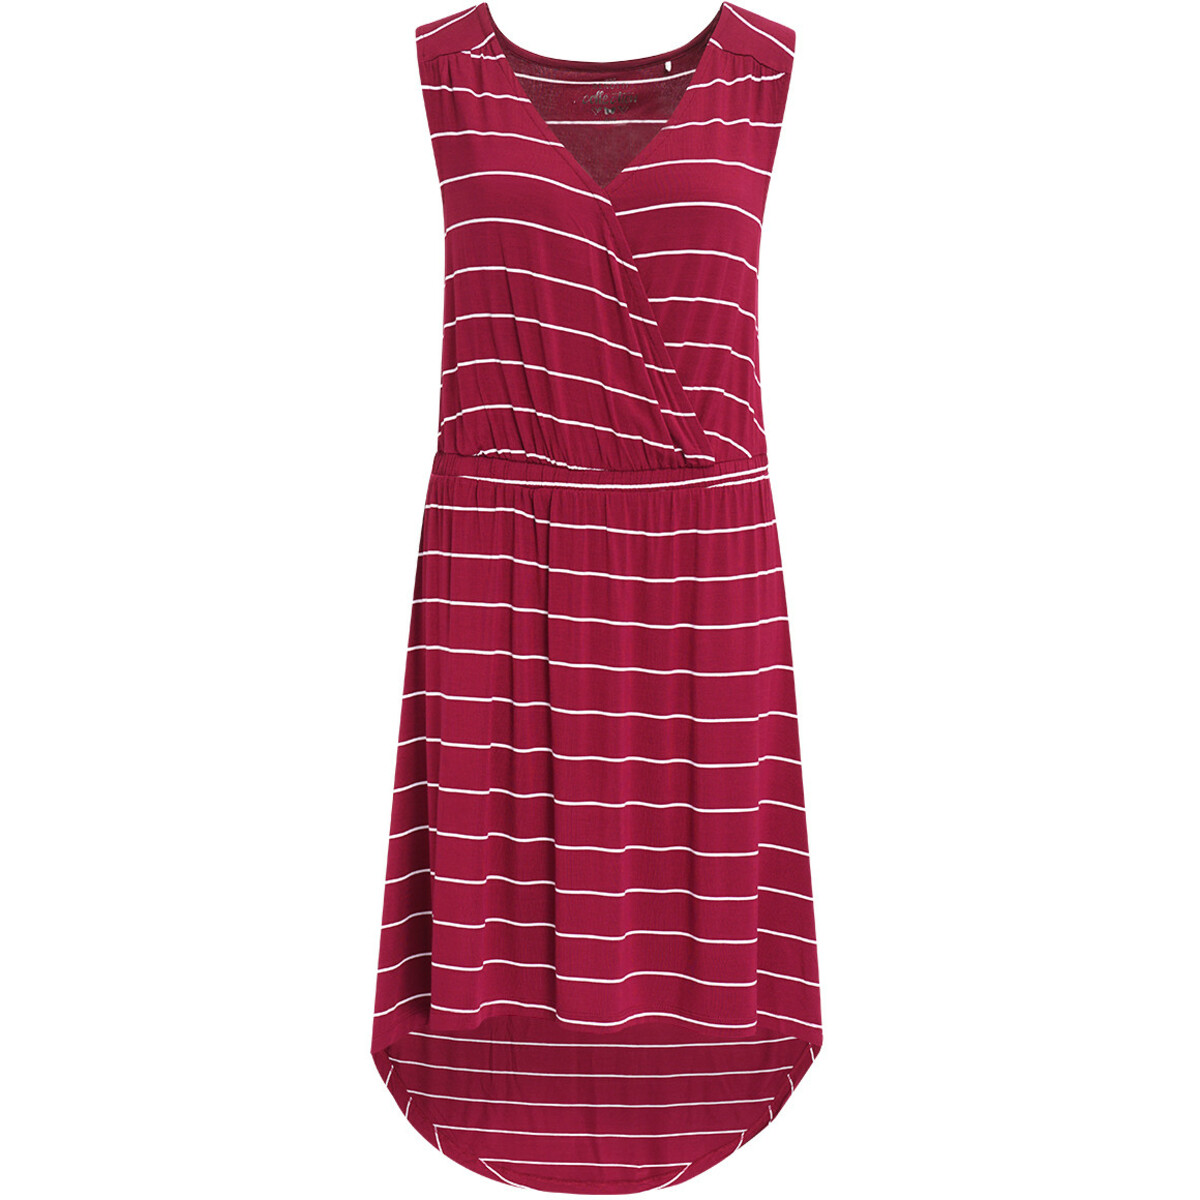 Bild 1 von Damen Kleid in Wickel-Optik